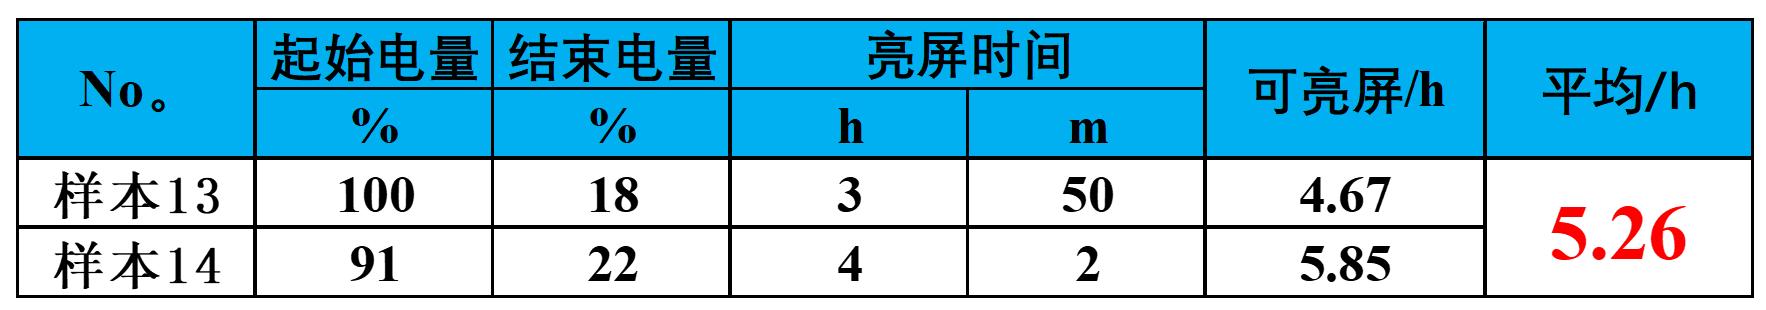 8.第2版日常耗电 root 表格